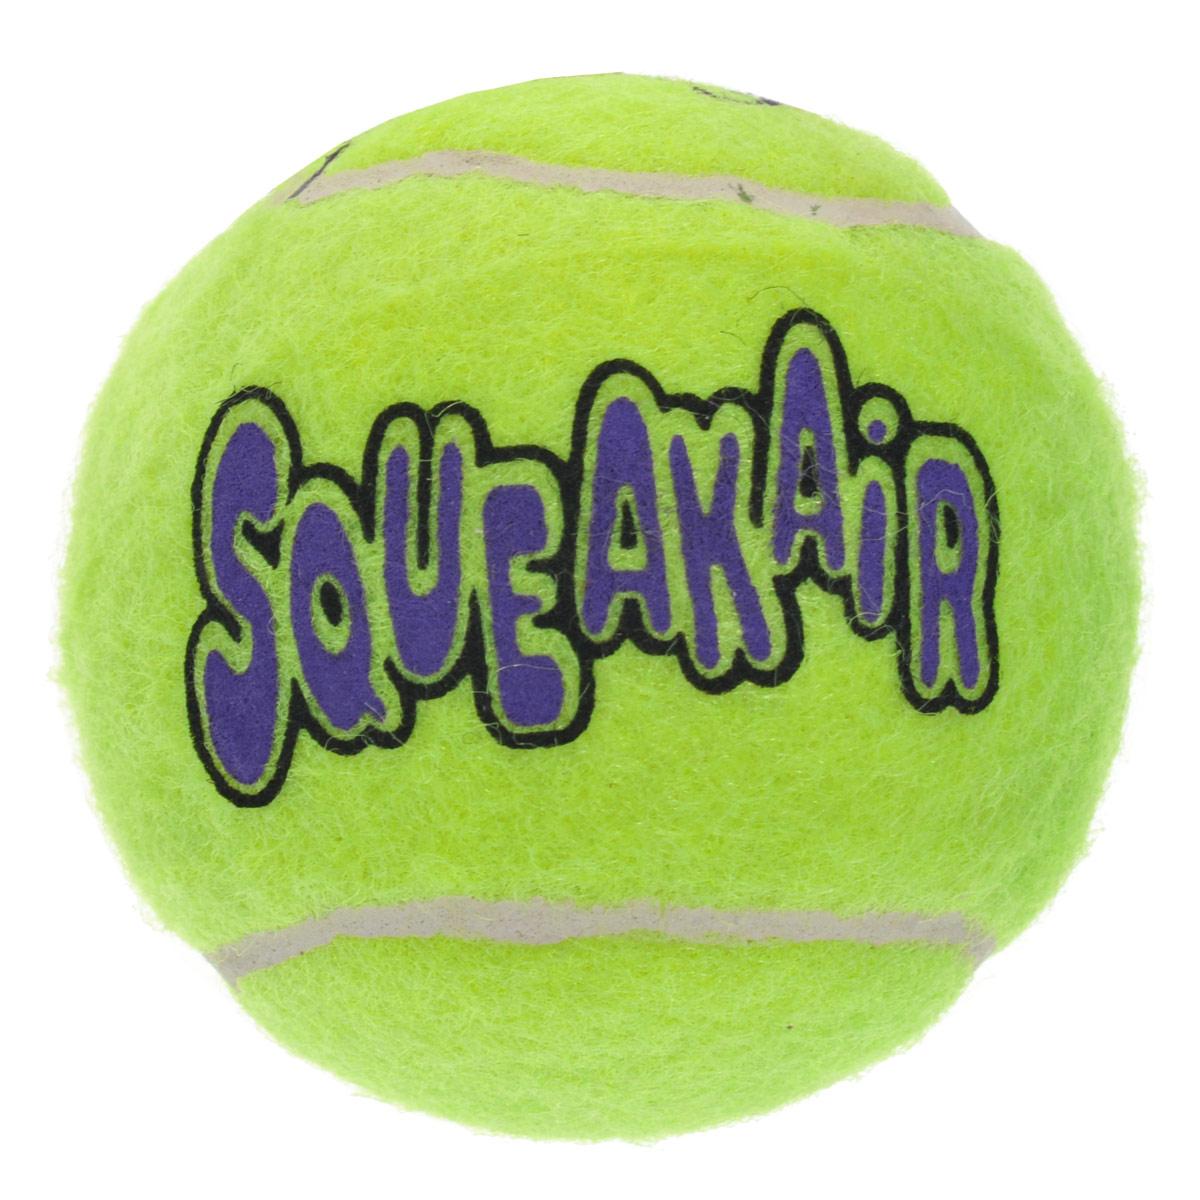 Игрушка для собак Kong Air Теннисный мяч. AST2B0120710Игрушка для собак Kong Air Теннисный мяч предназначена для собак средних пород весом от 5 до 15 кг. Эта игрушка - на 100% настоящие теннисные мячи в различных забавных формах и размерах. Такой мячик имеет непредсказуемую траекторию при отскакивании от земли и может плавать на поверхности воды. Игрушка выполненная из материала, не вредящего зубам собаки в форме теннисного мячика, при надавливании или захвате пастью пищит.